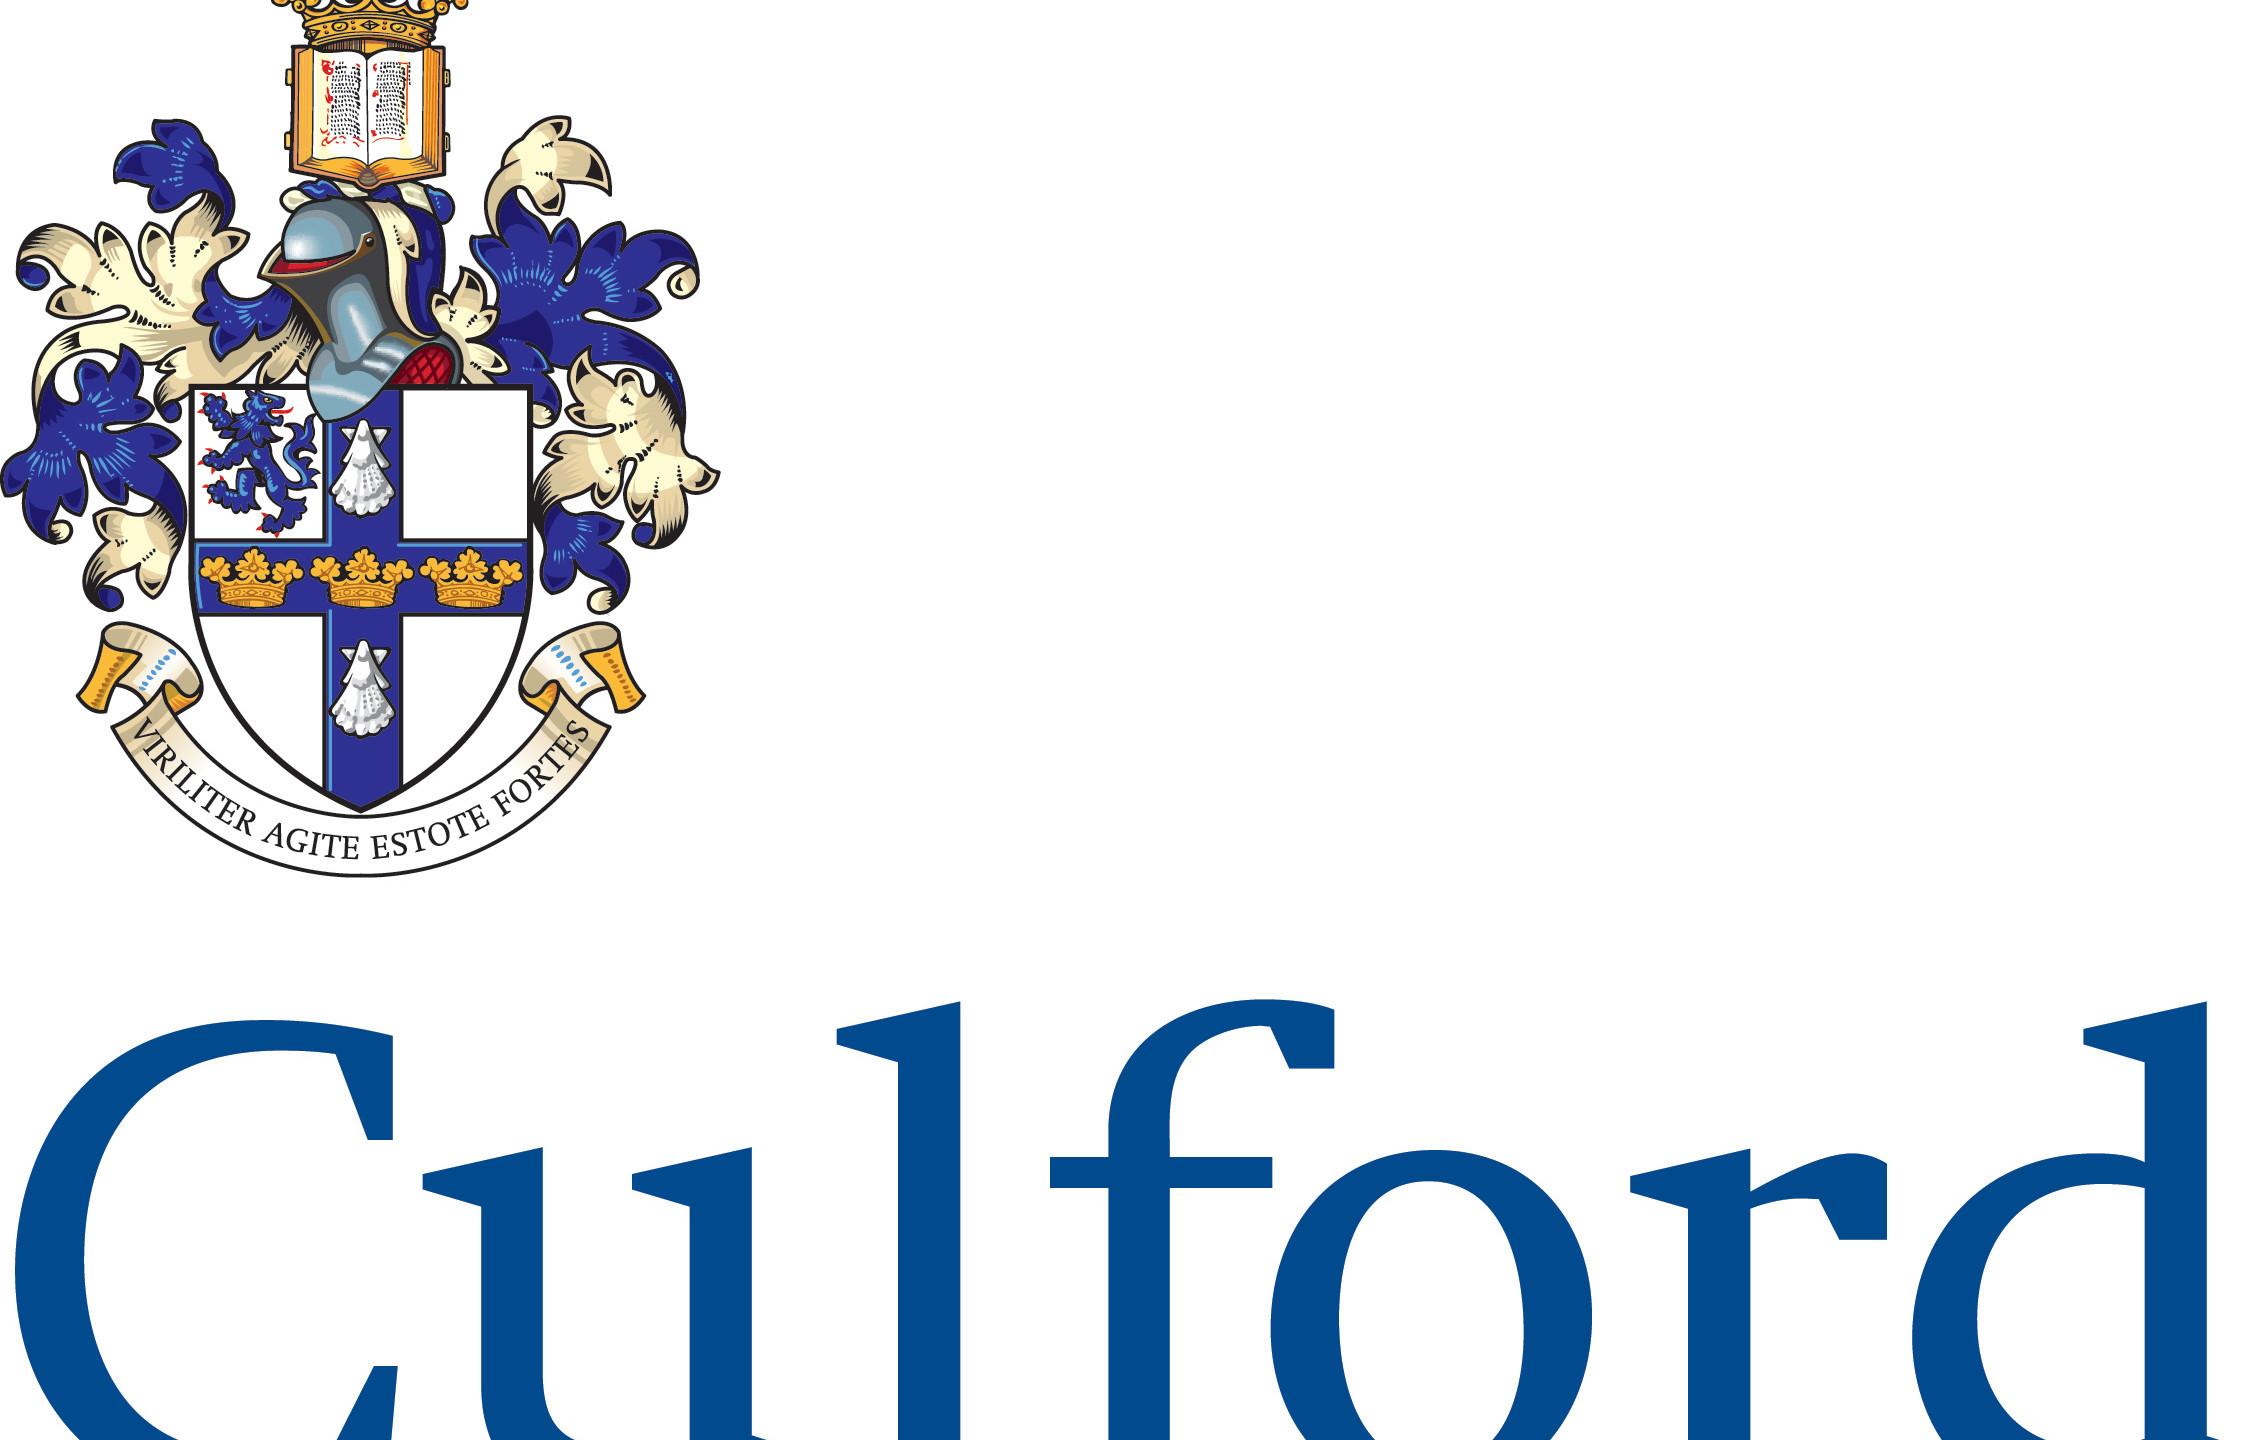 Culford logo cmyk